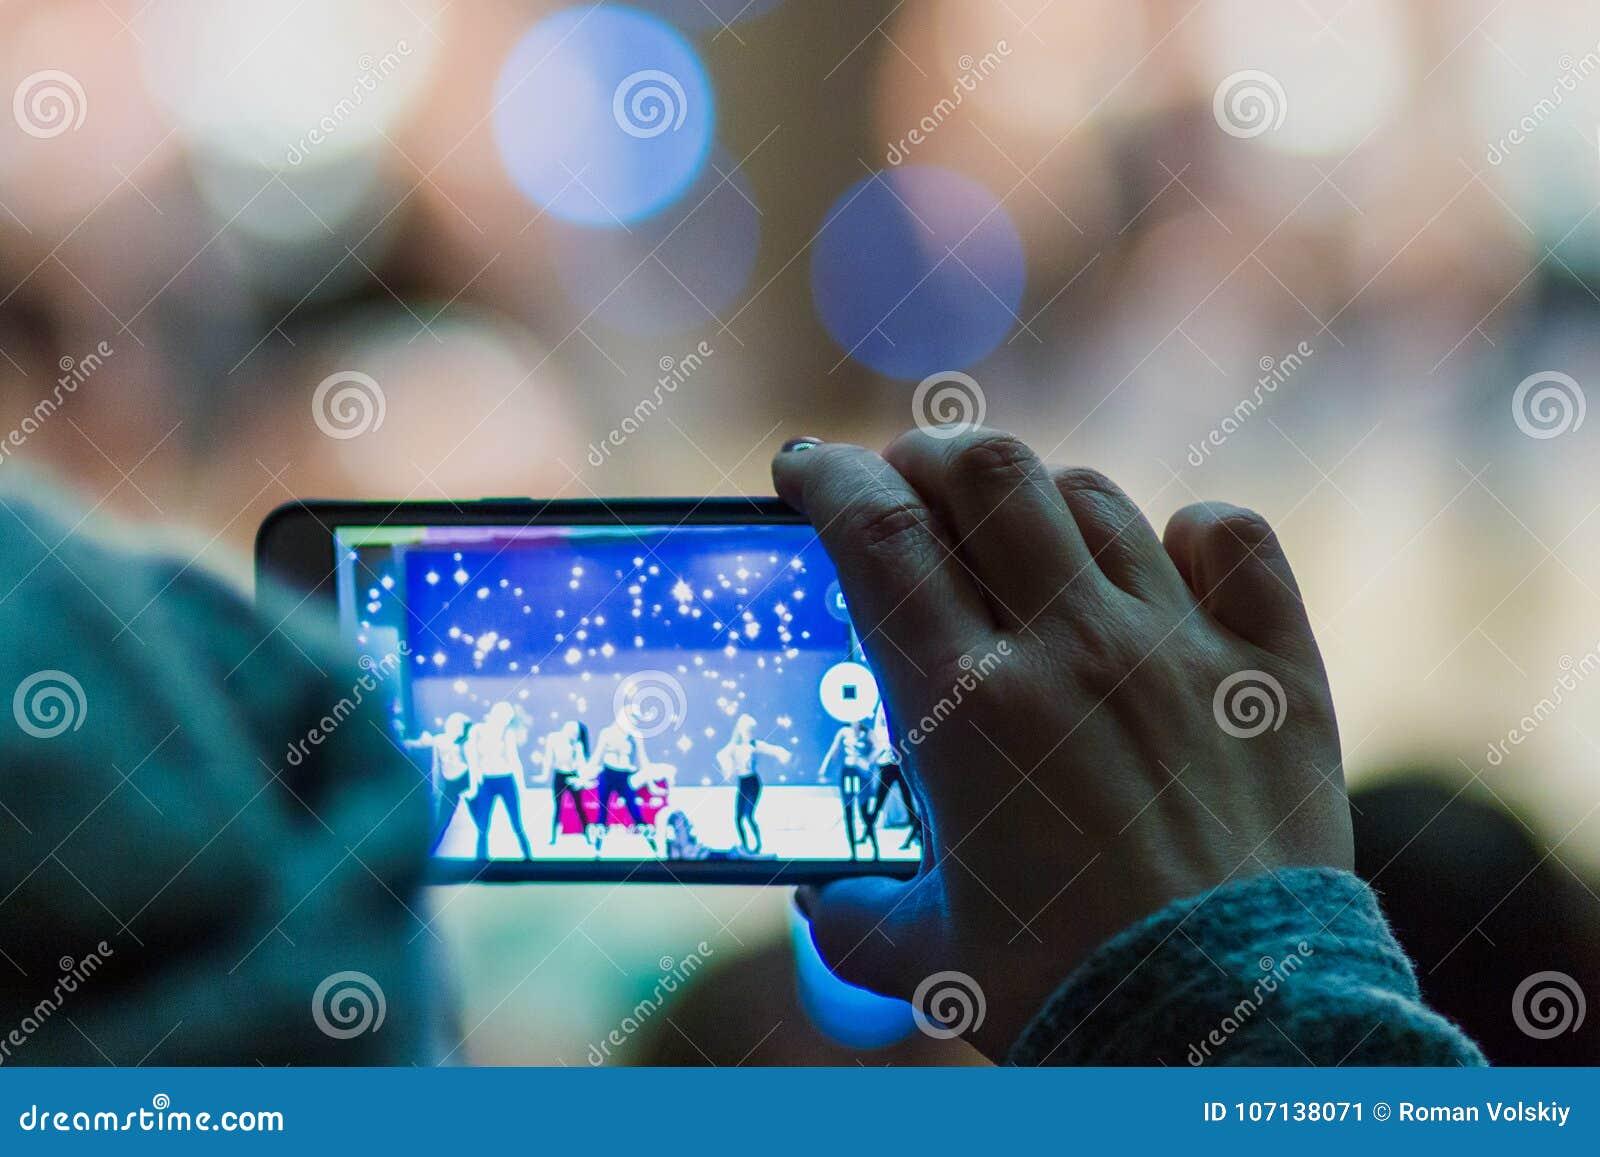 Een vrouw registreert een video of fotografeert de prestaties van kunstenaars op stadium gebruikend haar telefoon Handclose-up on